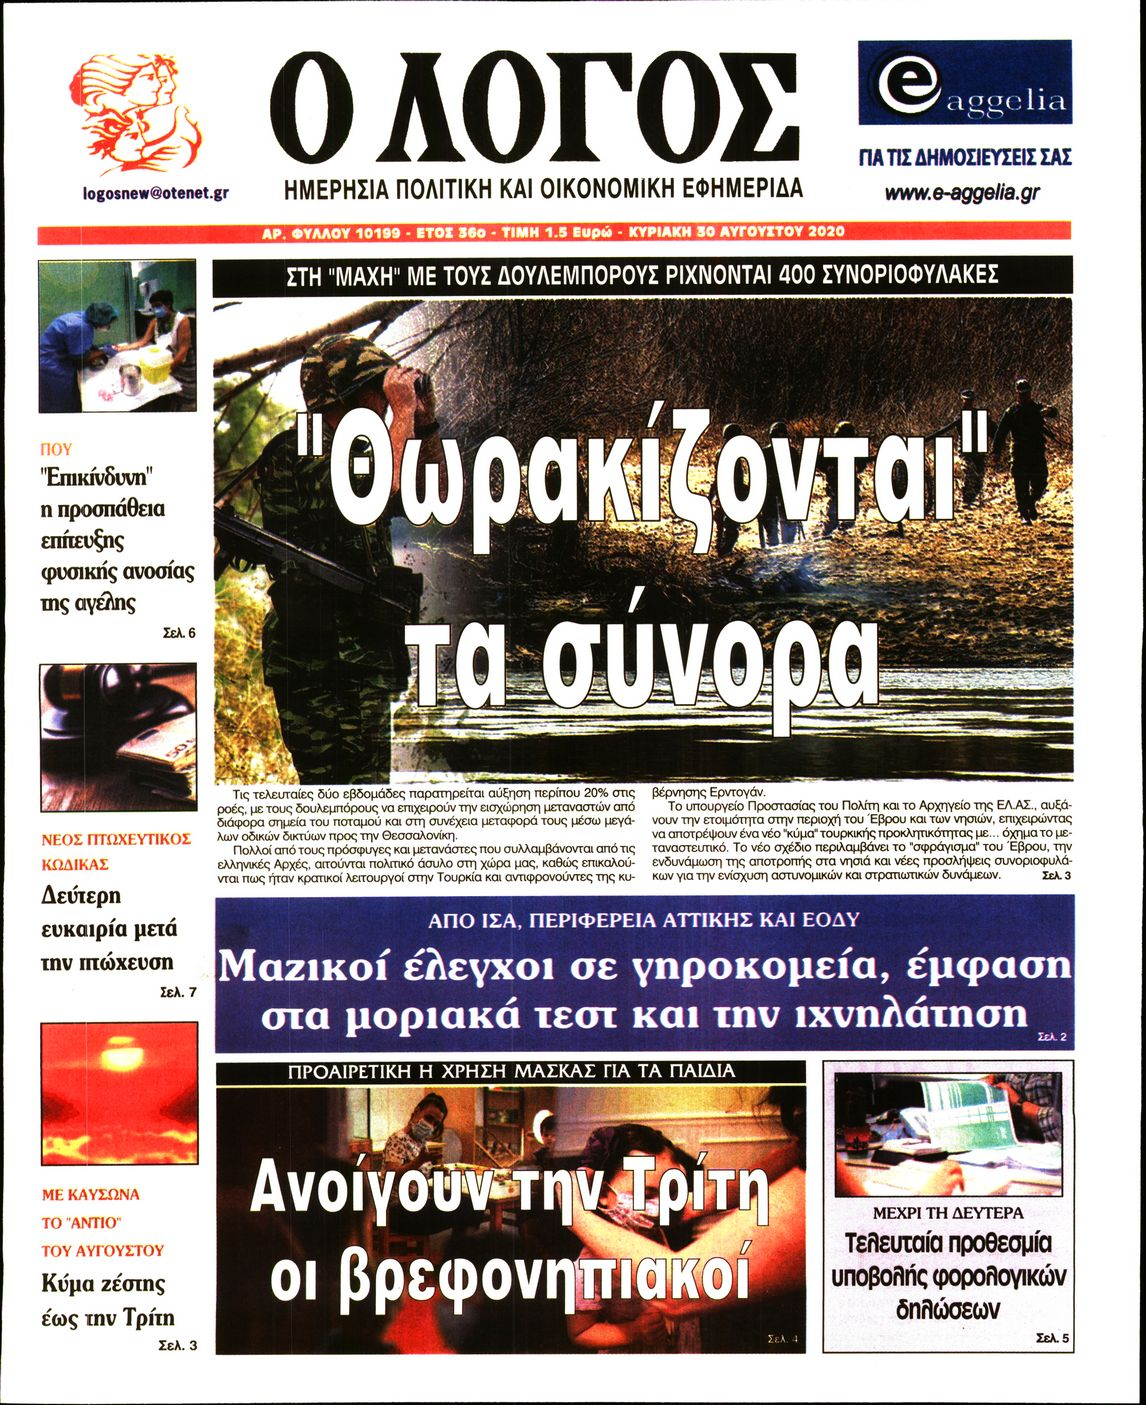 https://www.newsbeast.gr/files/1/newspapers/2020/08/30/27371780_186.jpg